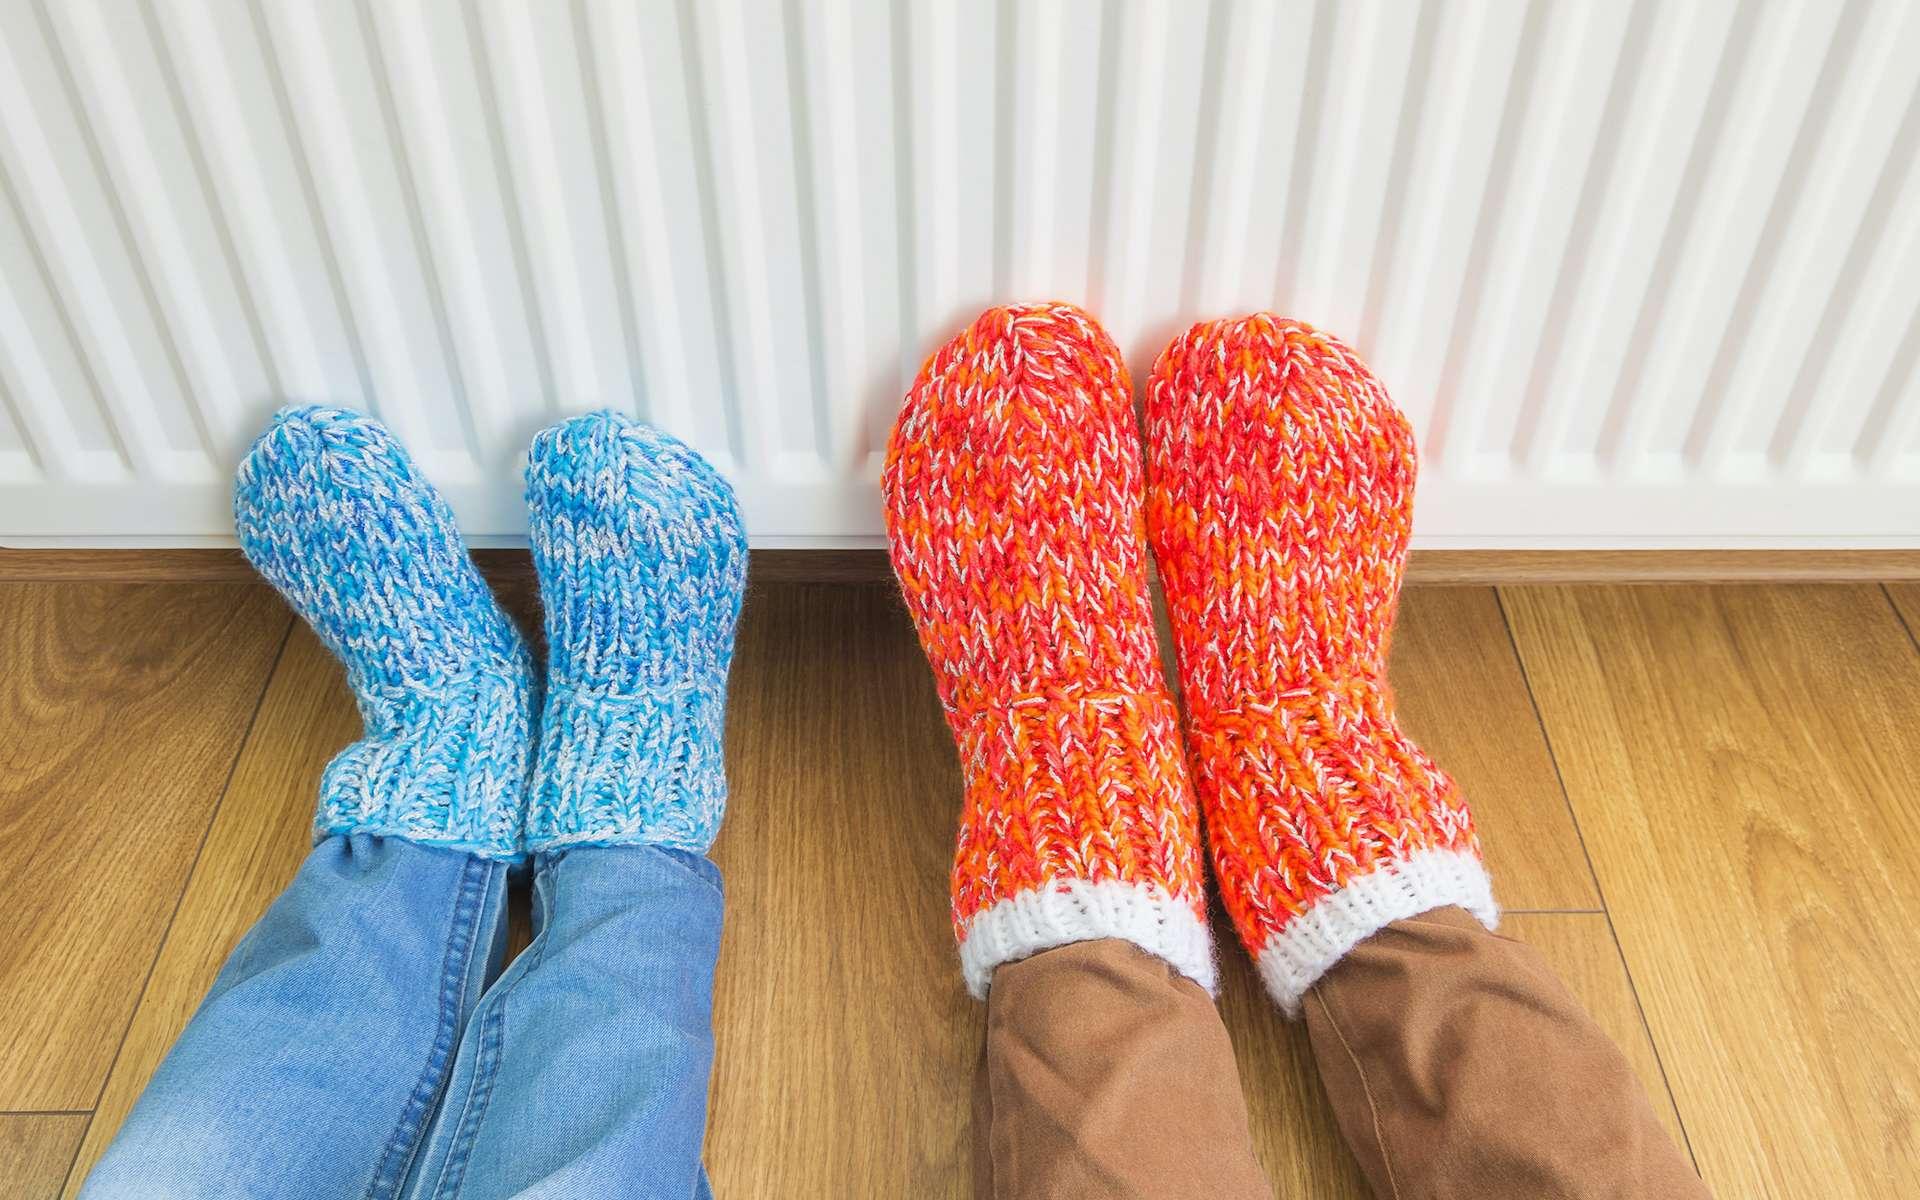 Pieds froids : les causes et les astuces anti pieds froids. © Evgen, Adobe Stock